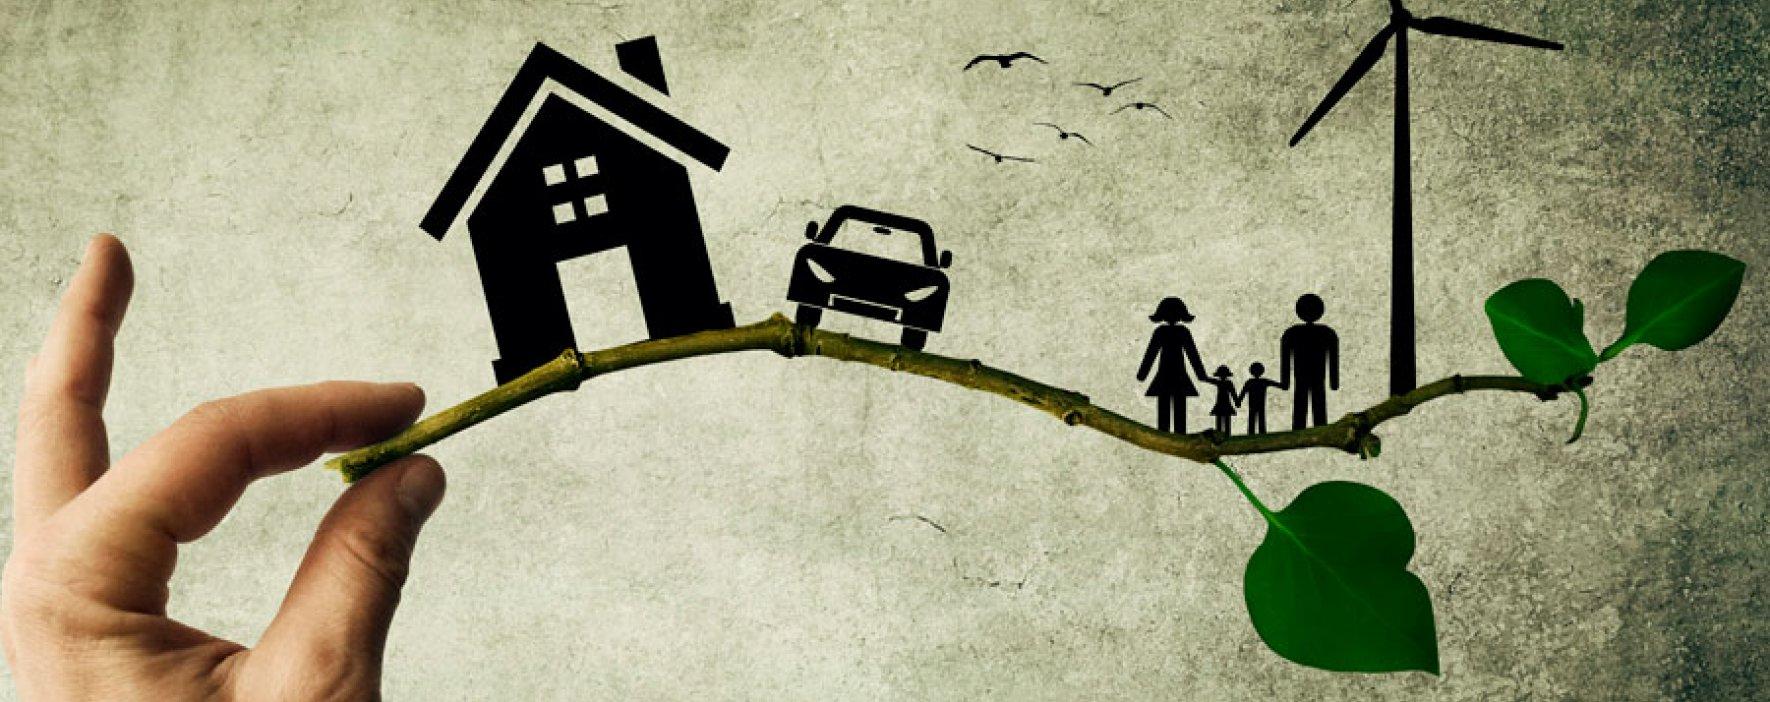 Pobreza y medio ambiente, dos aspectos vitales que se unen